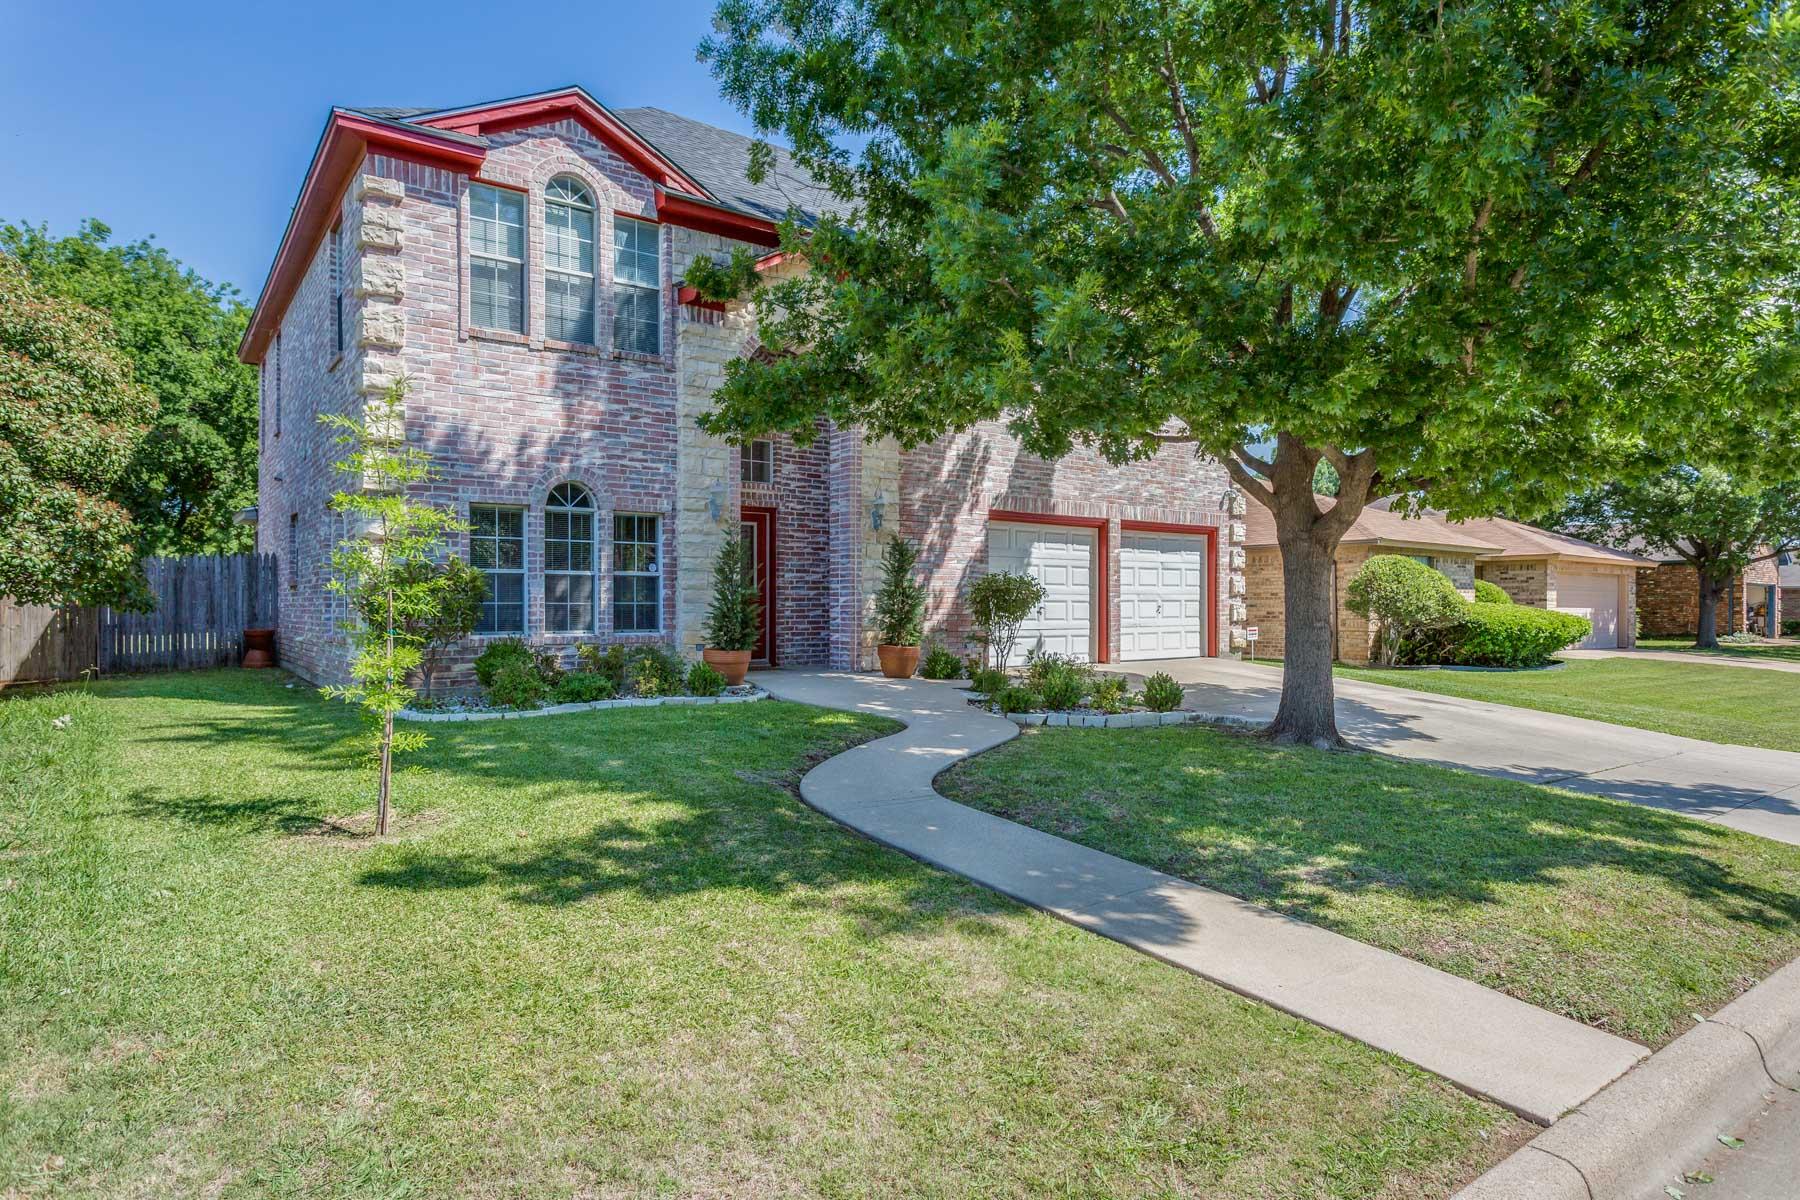 Einfamilienhaus für Verkauf beim 3740 Fairhaven, Fort Worth Fort Worth, Texas, 76123 Vereinigte Staaten